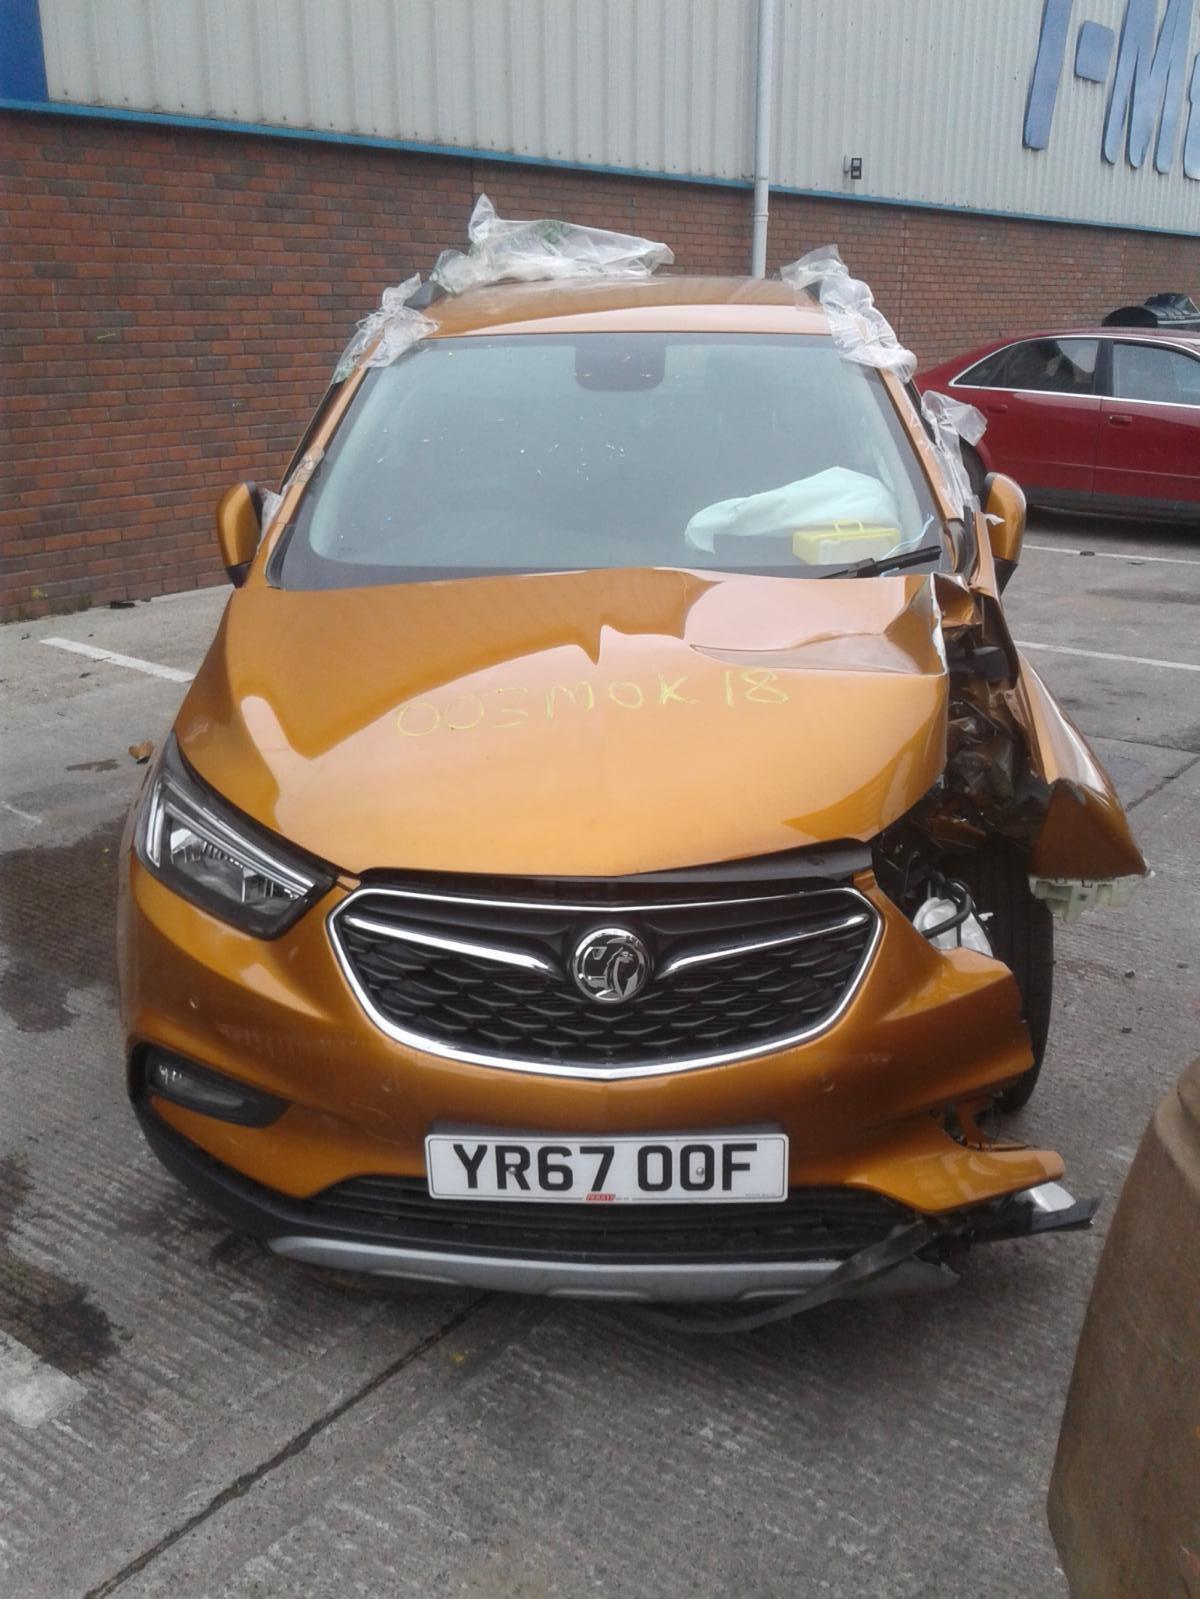 2017 Vauxhall MOKKA ACTIVE Image